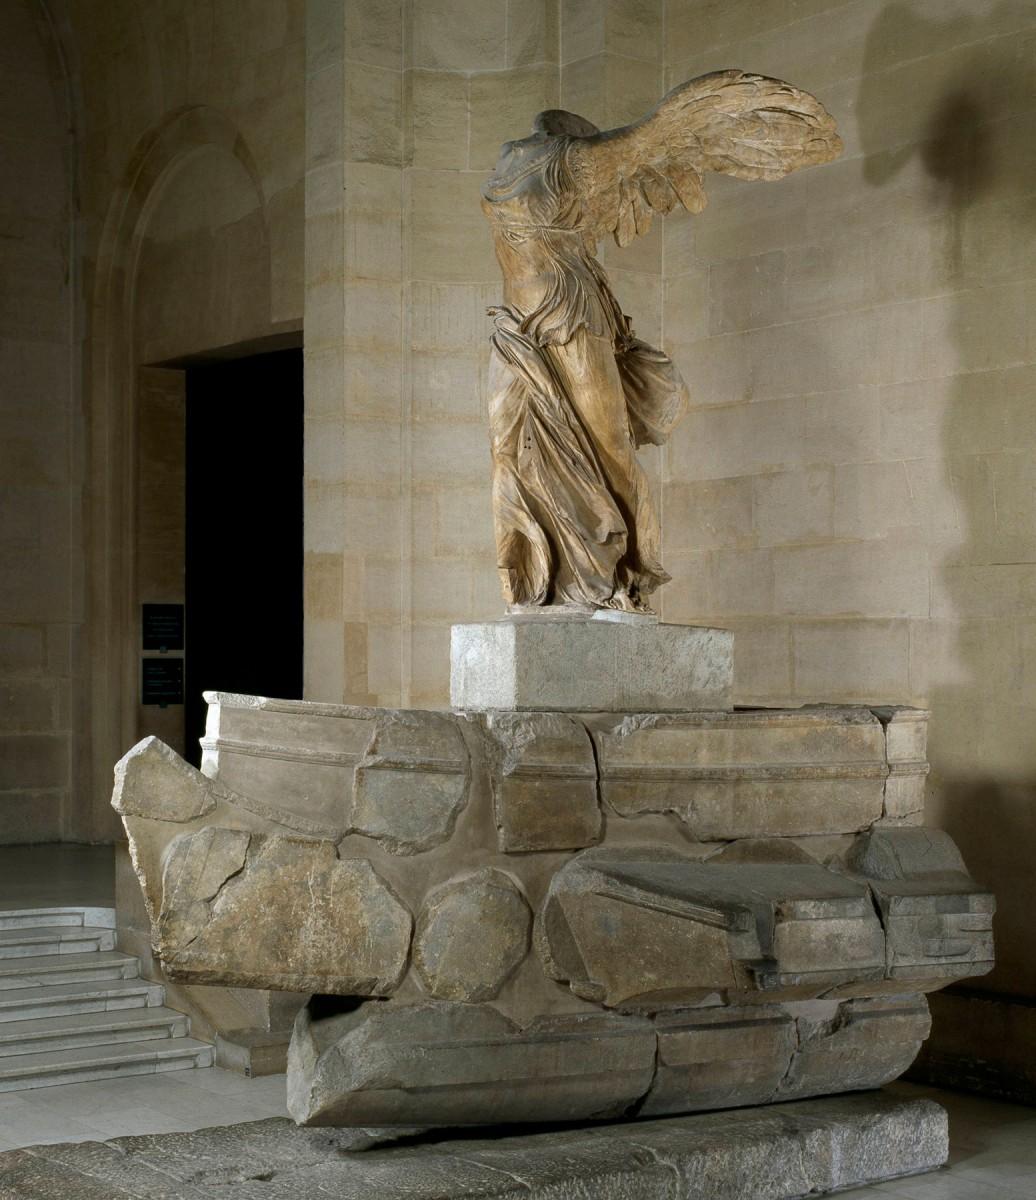 Η Νίκη της Σαμοθράκης, 220-185 π.Χ. Λούβρο, Παρίσι.